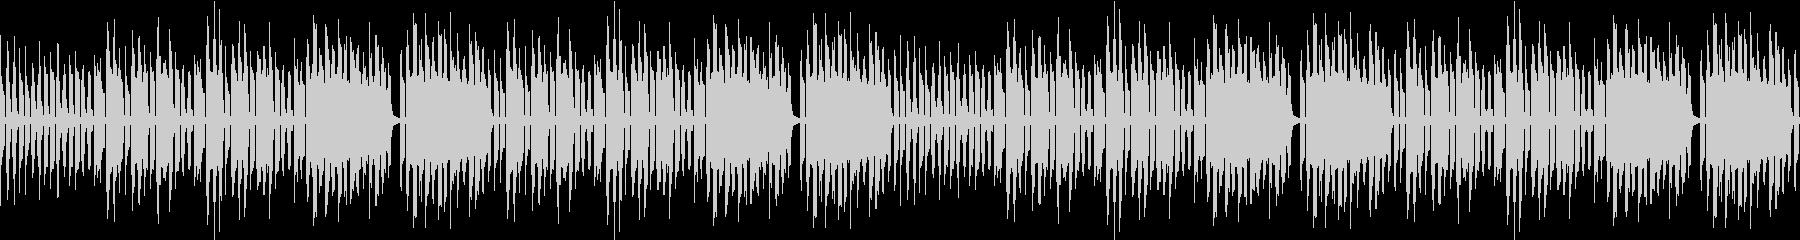 ハリネズミが営む服屋のBGM※ループ仕様の未再生の波形